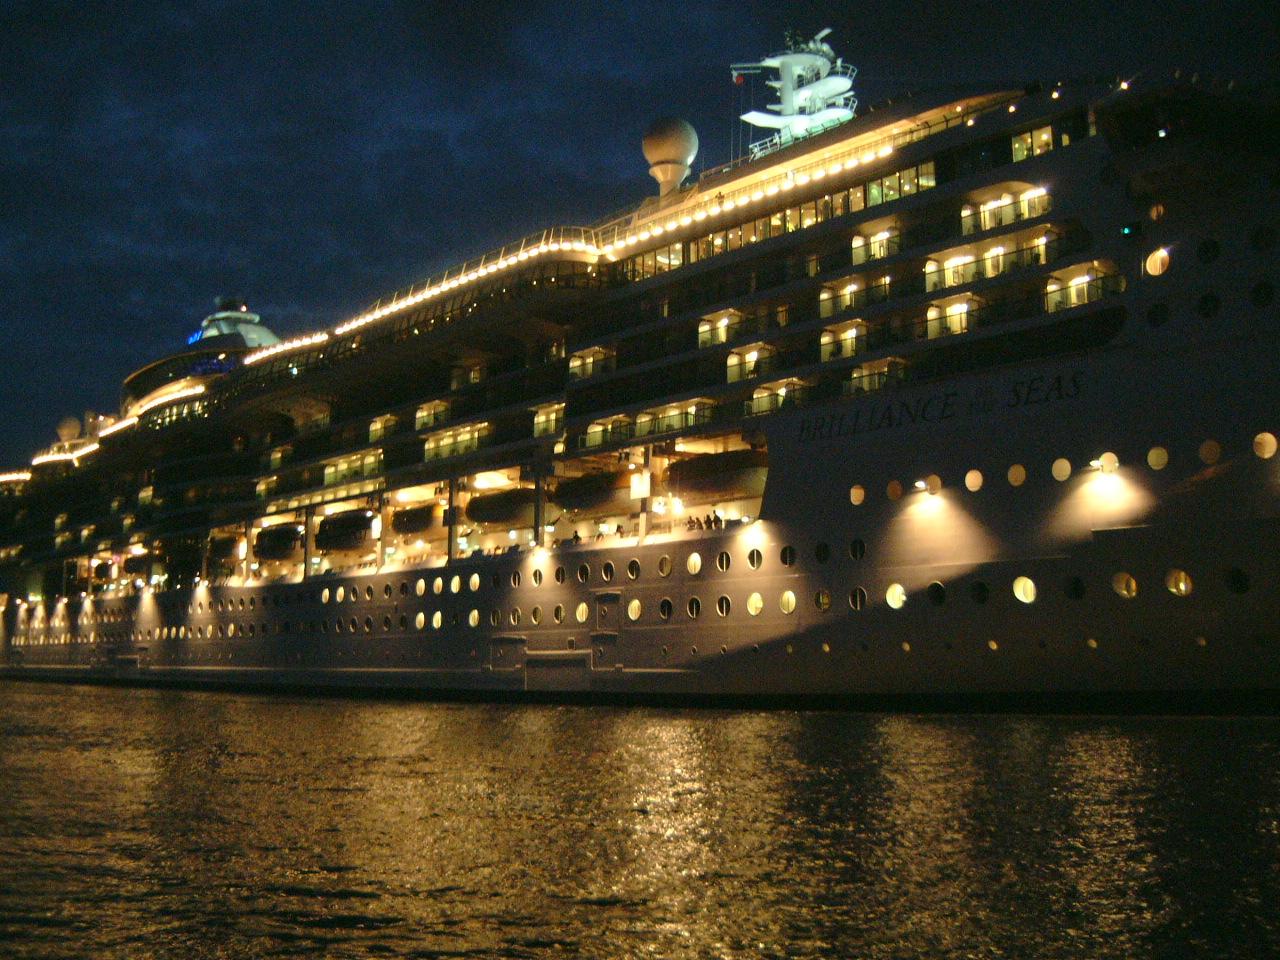 maartent boat night lights illuminated ocean liner party brilliance huge